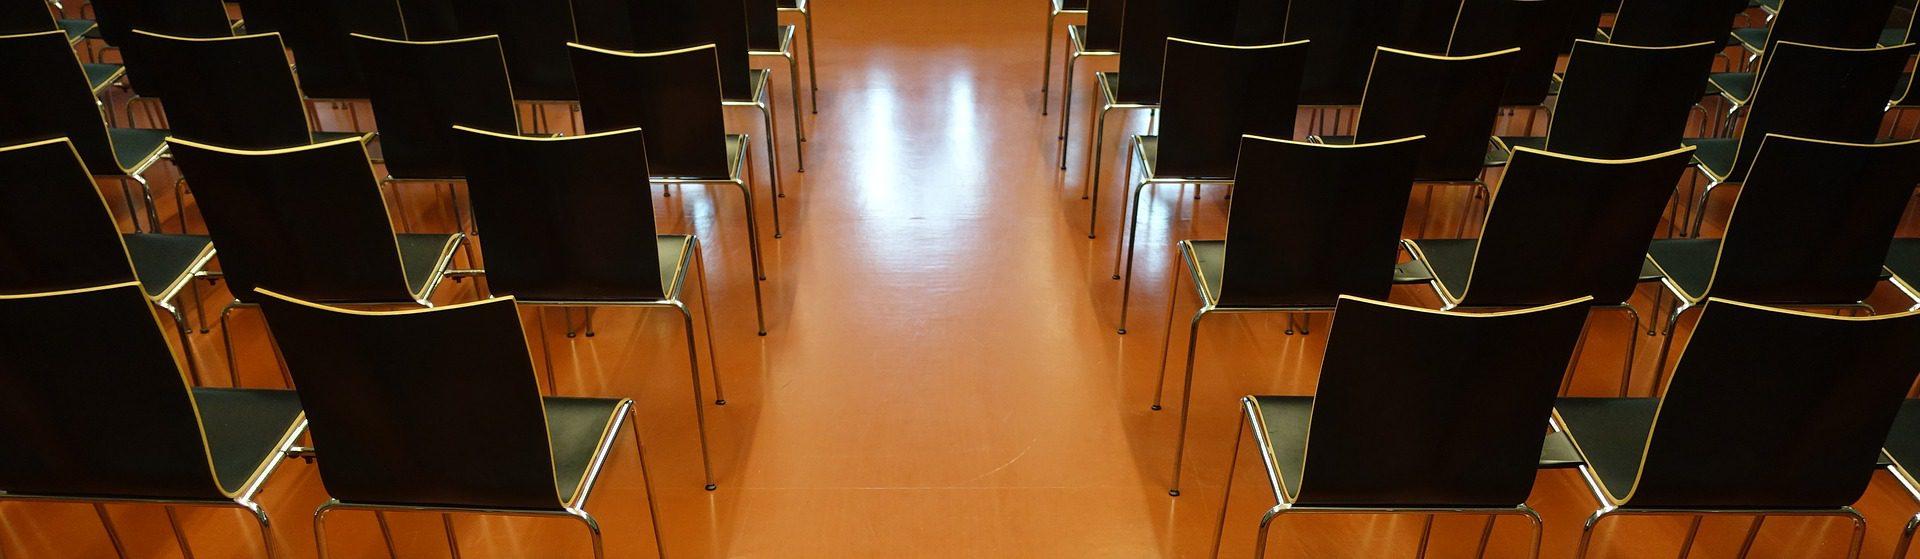 Vortragssaal - Blick von hinten auf die leeren Stuhlreihen